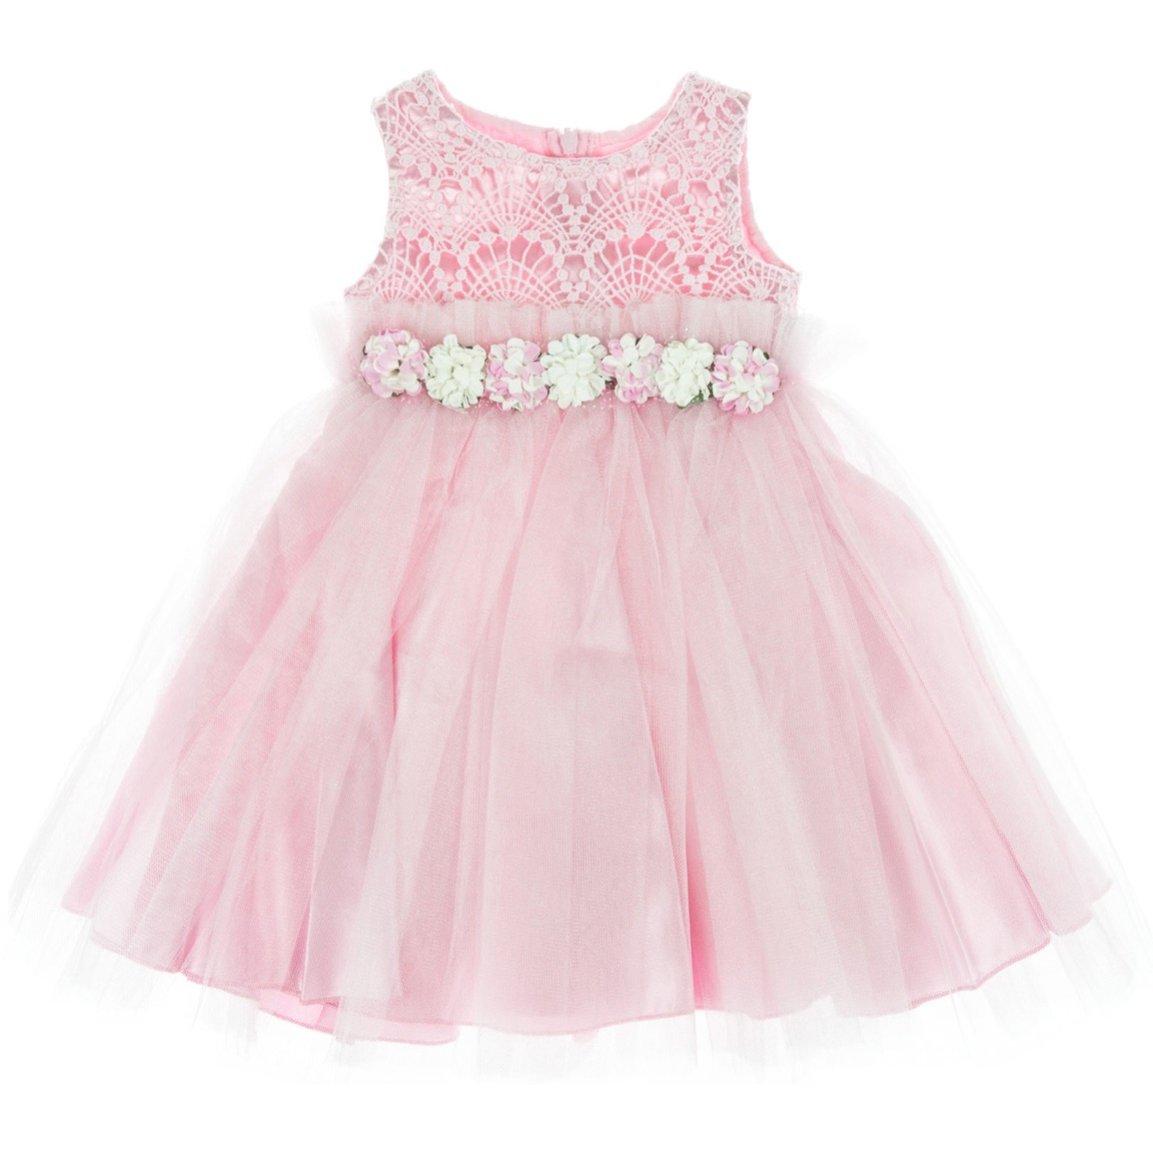 57a78f8e348 Bebelax παιδικό αμπιγιέ φόρεμα